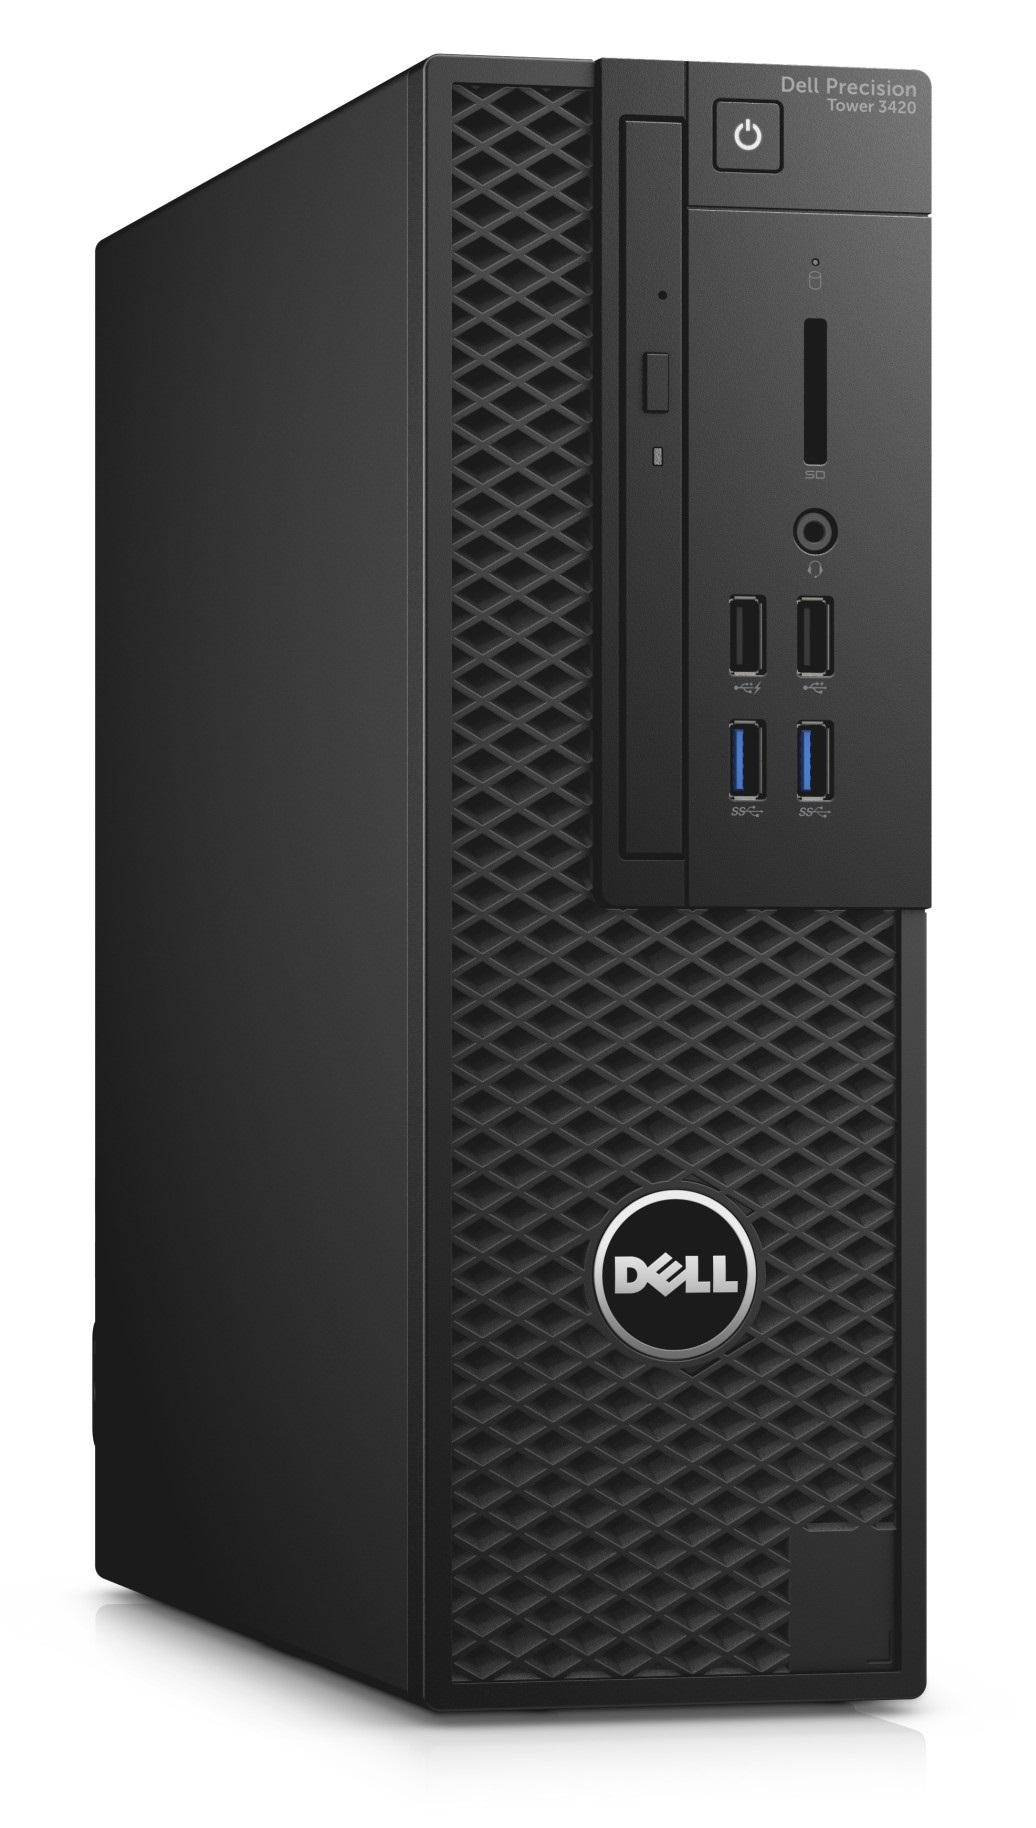 DELL Precision T3420 i7-6700/16GB/256GB/1TB/2GB Quadro K620/DVDRW/klávesnice+myš/Win 7/10 Pro